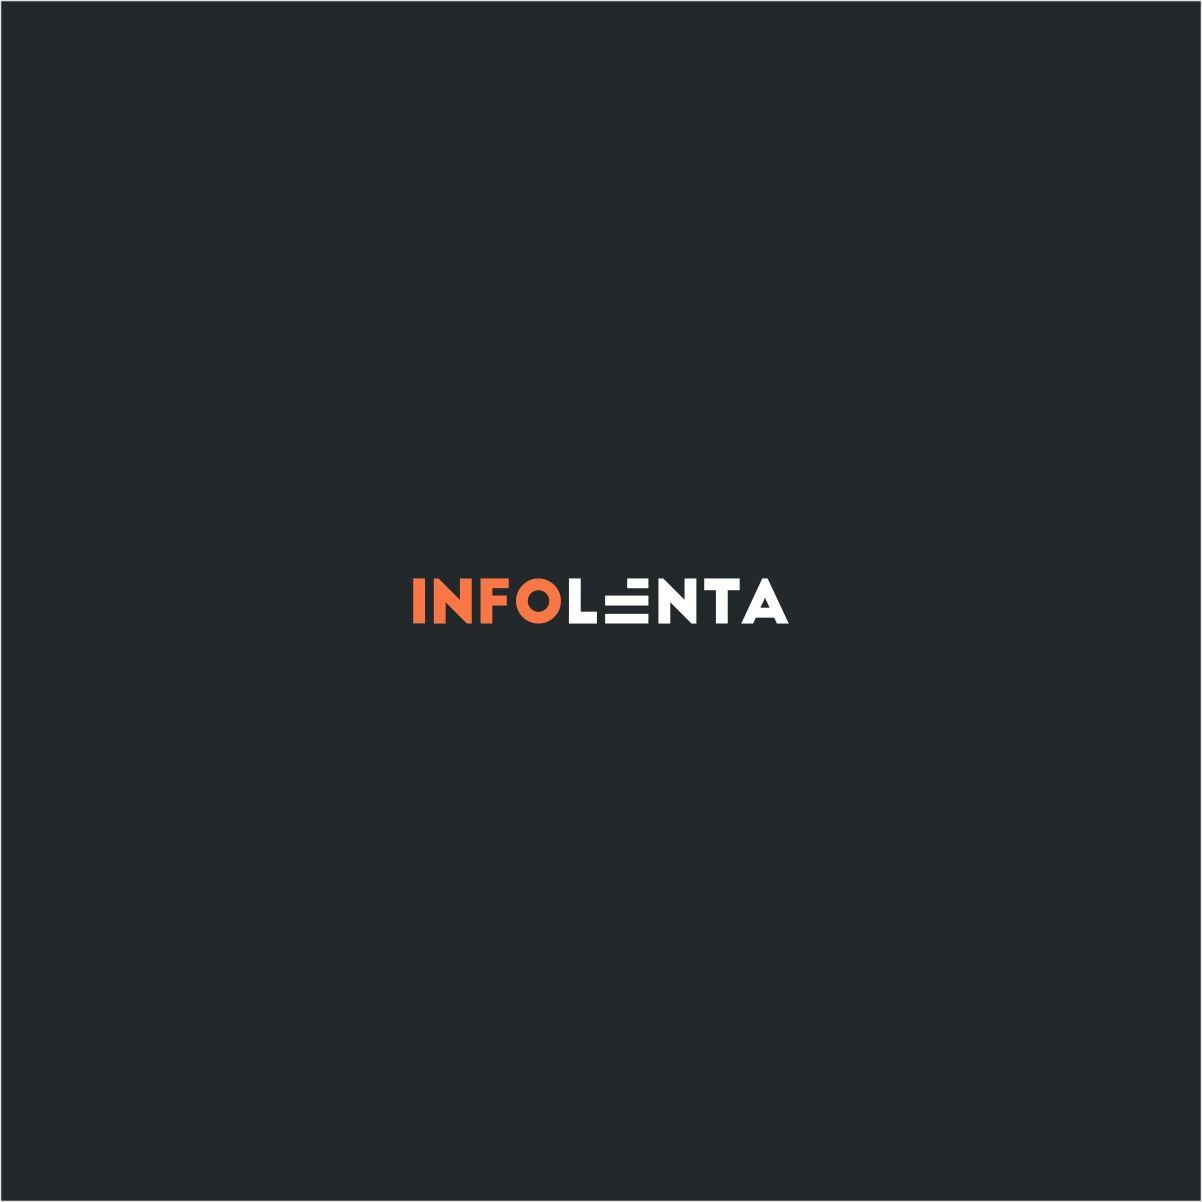 INFOLENTA (концепт)